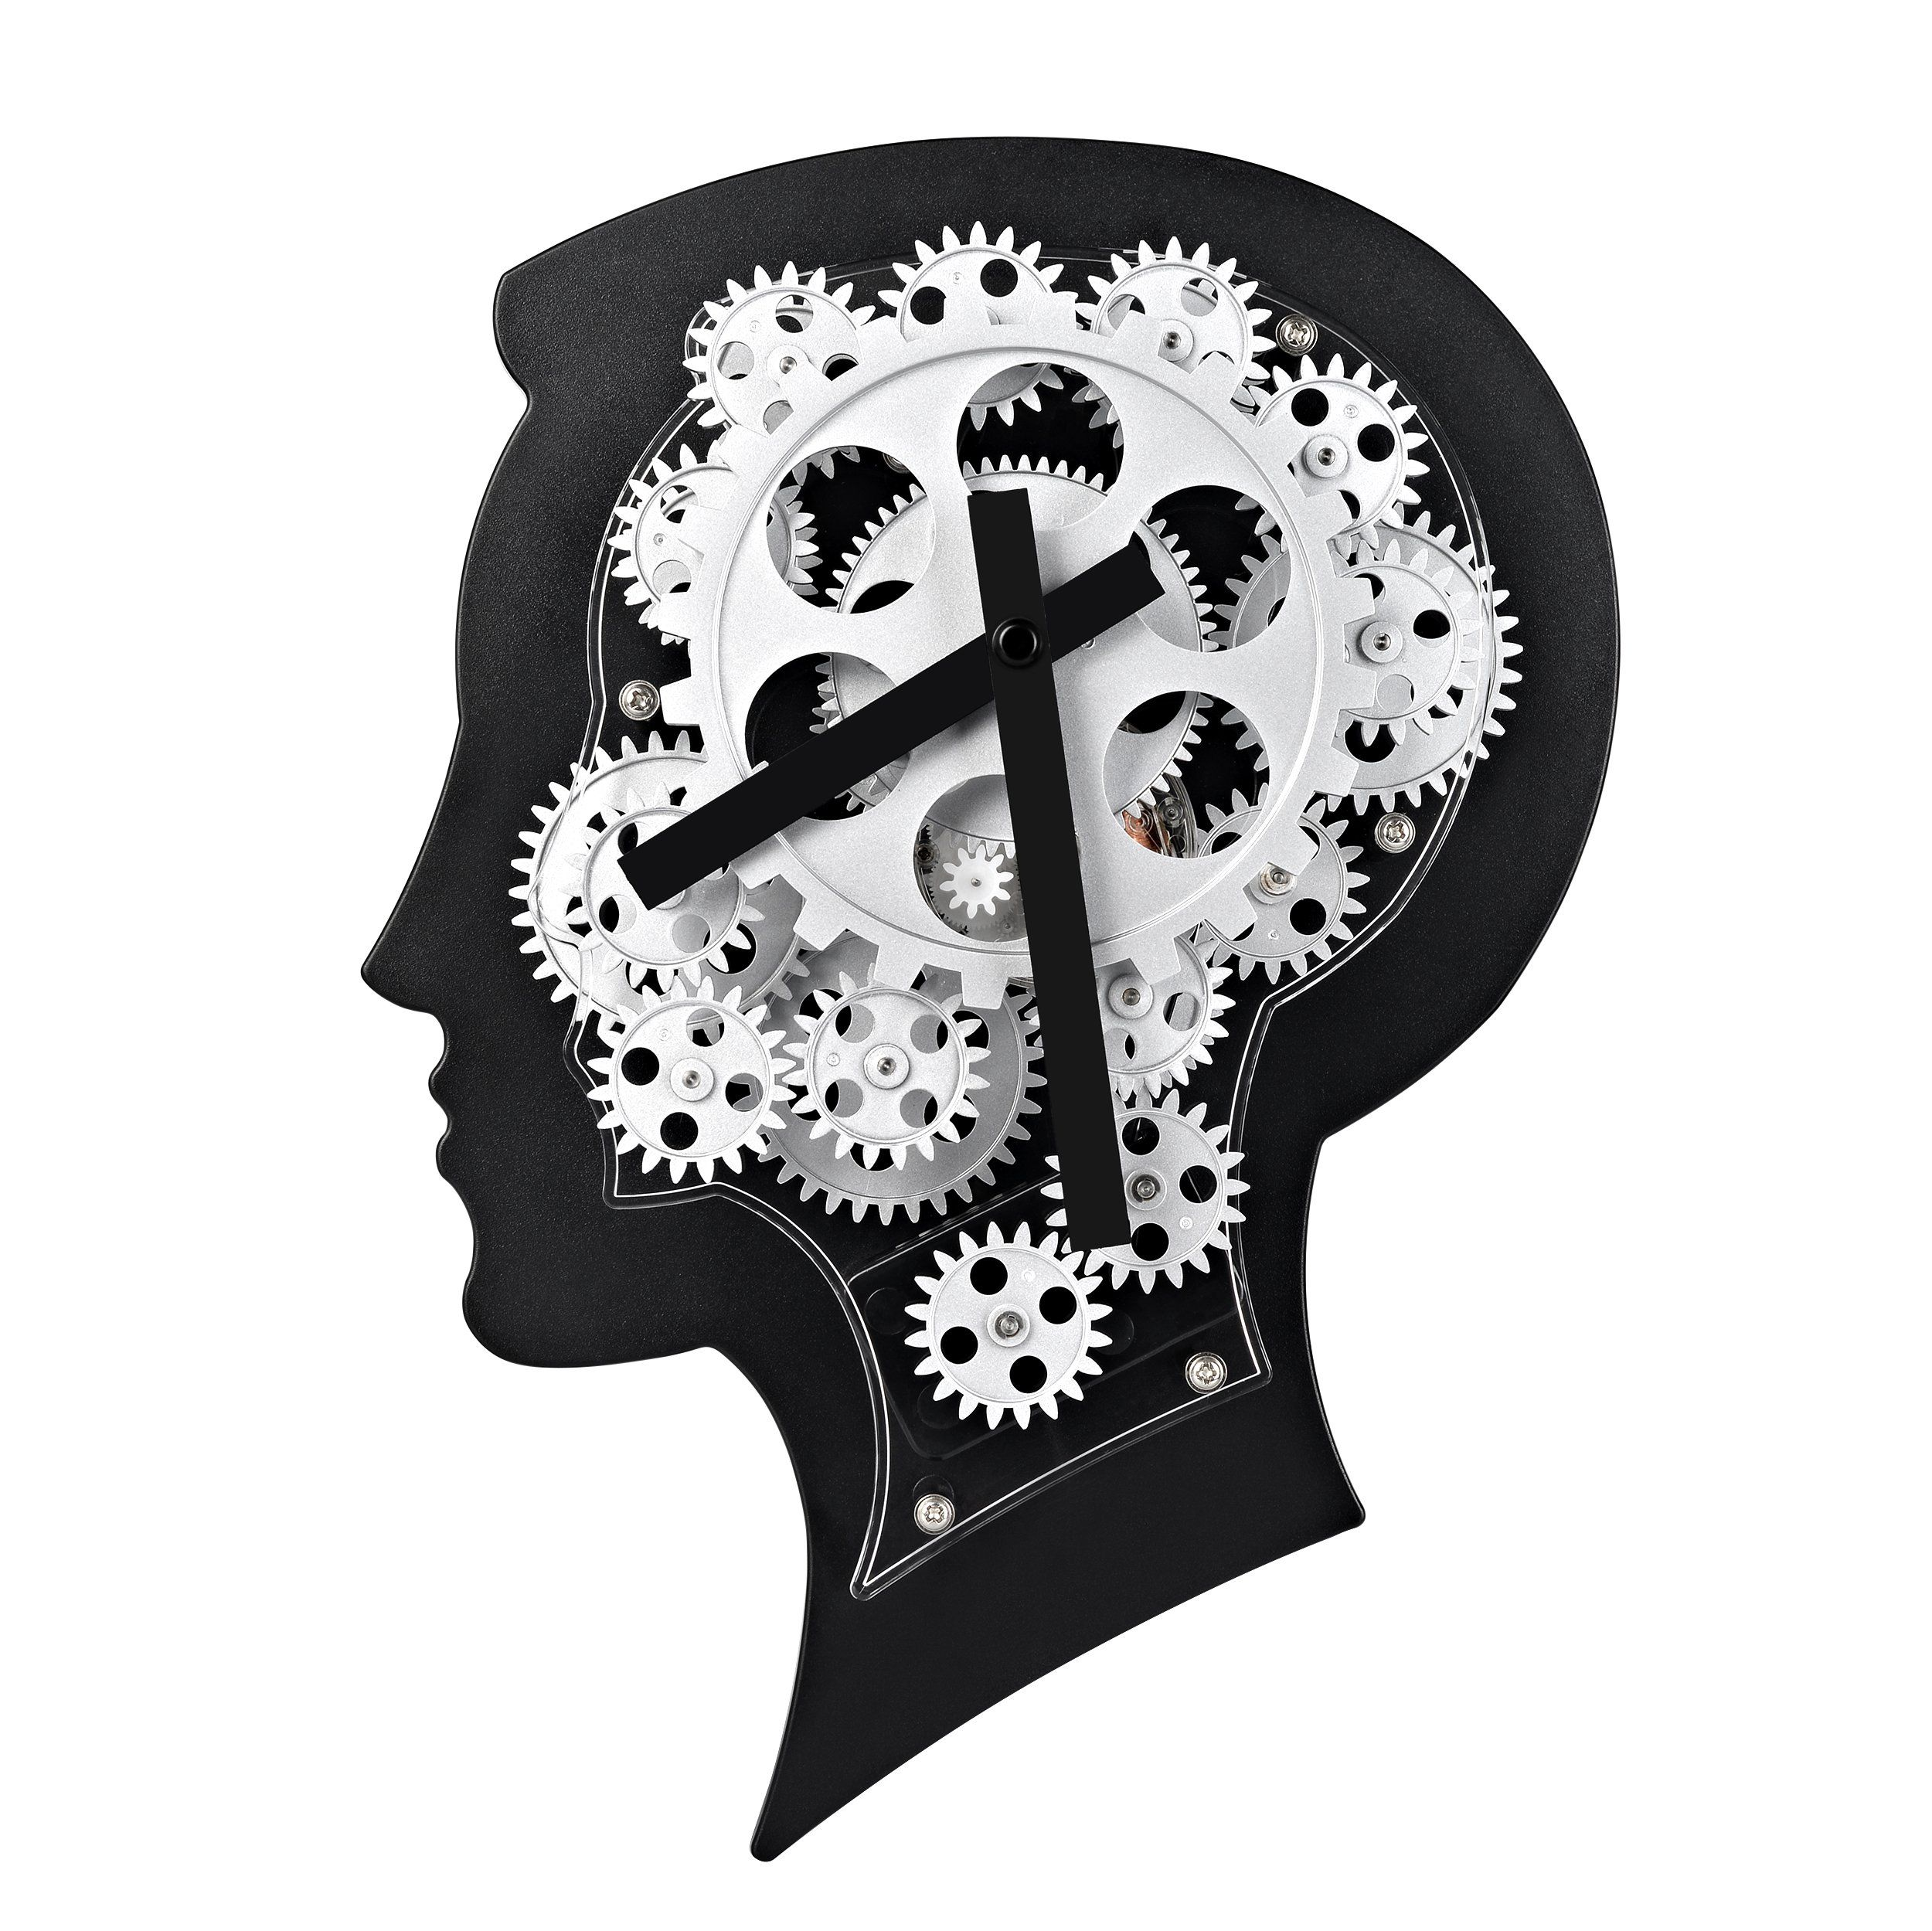 Wall Clock for Women and Men-SevenUp Gear Clock Quartz Brain 3D Wall ...